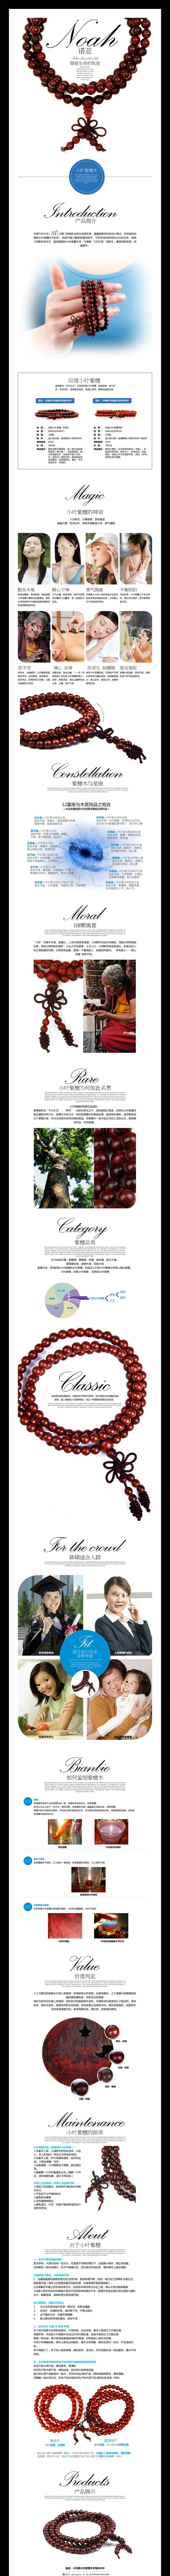 饰品淘宝电商珠宝首饰详情页设计图